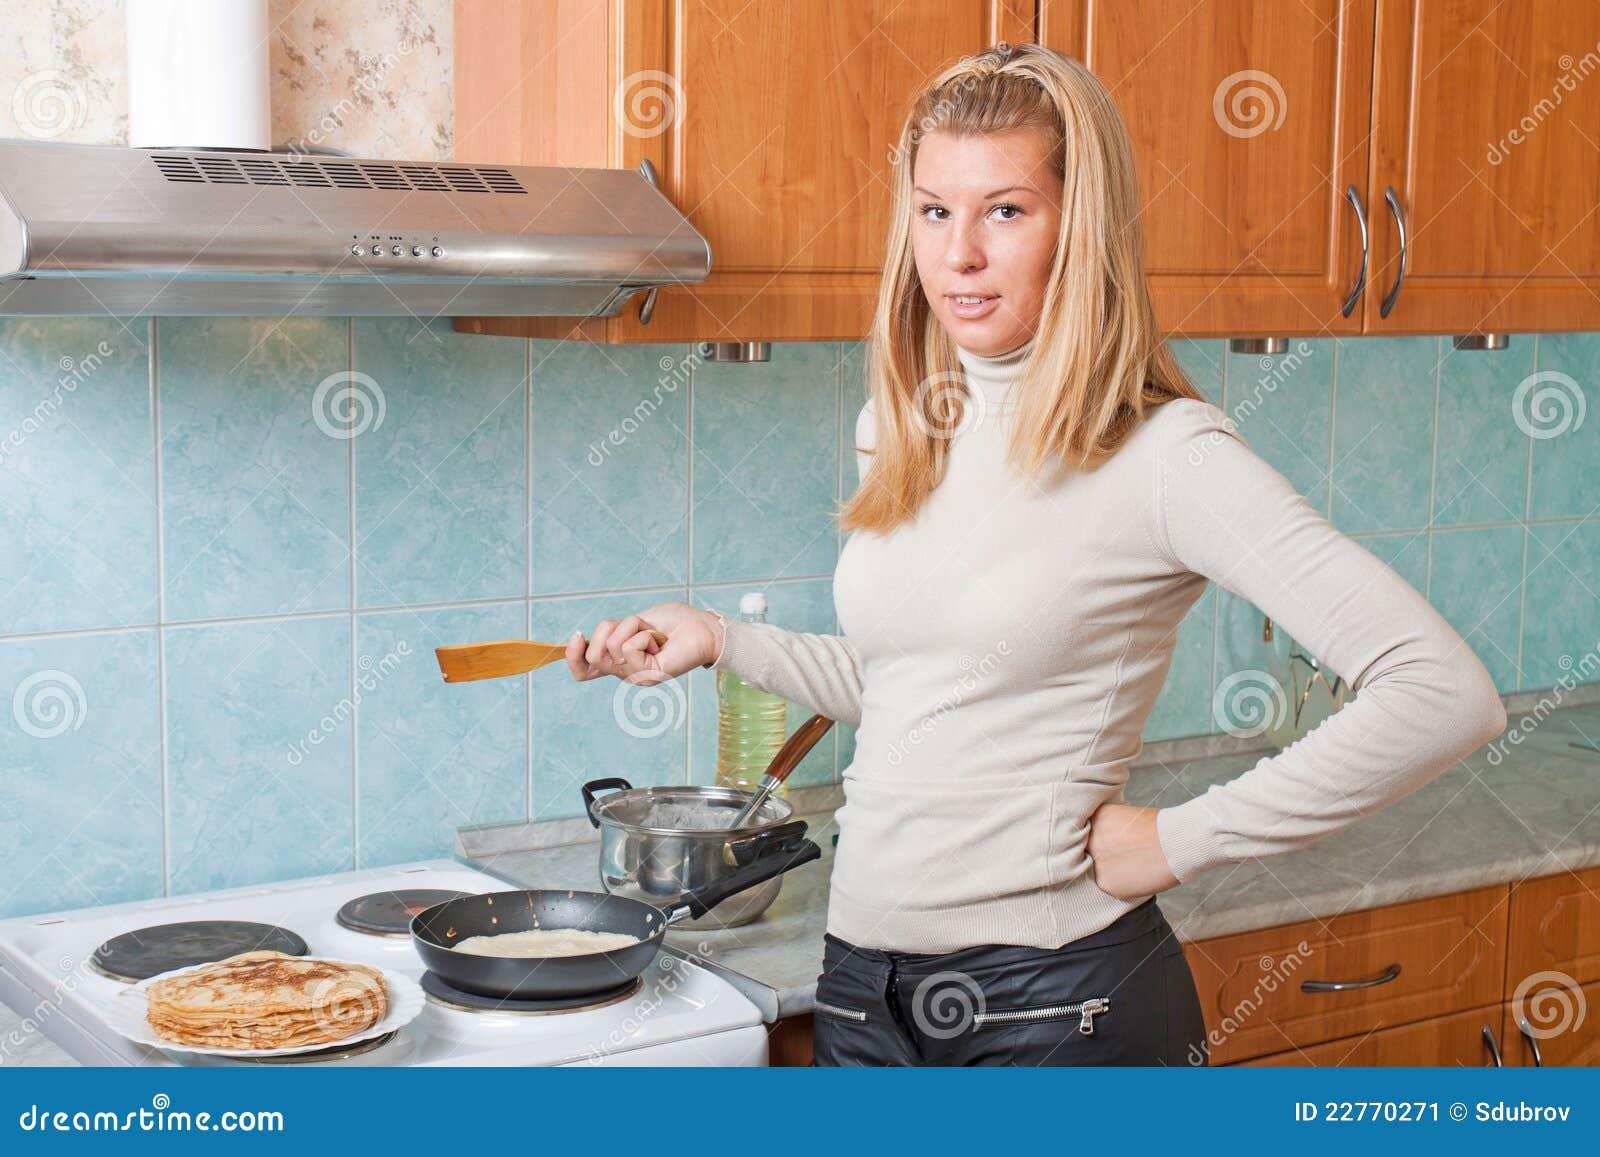 La femme au foyer fait des cr pes cuire au four image for Femme au foyer 1960